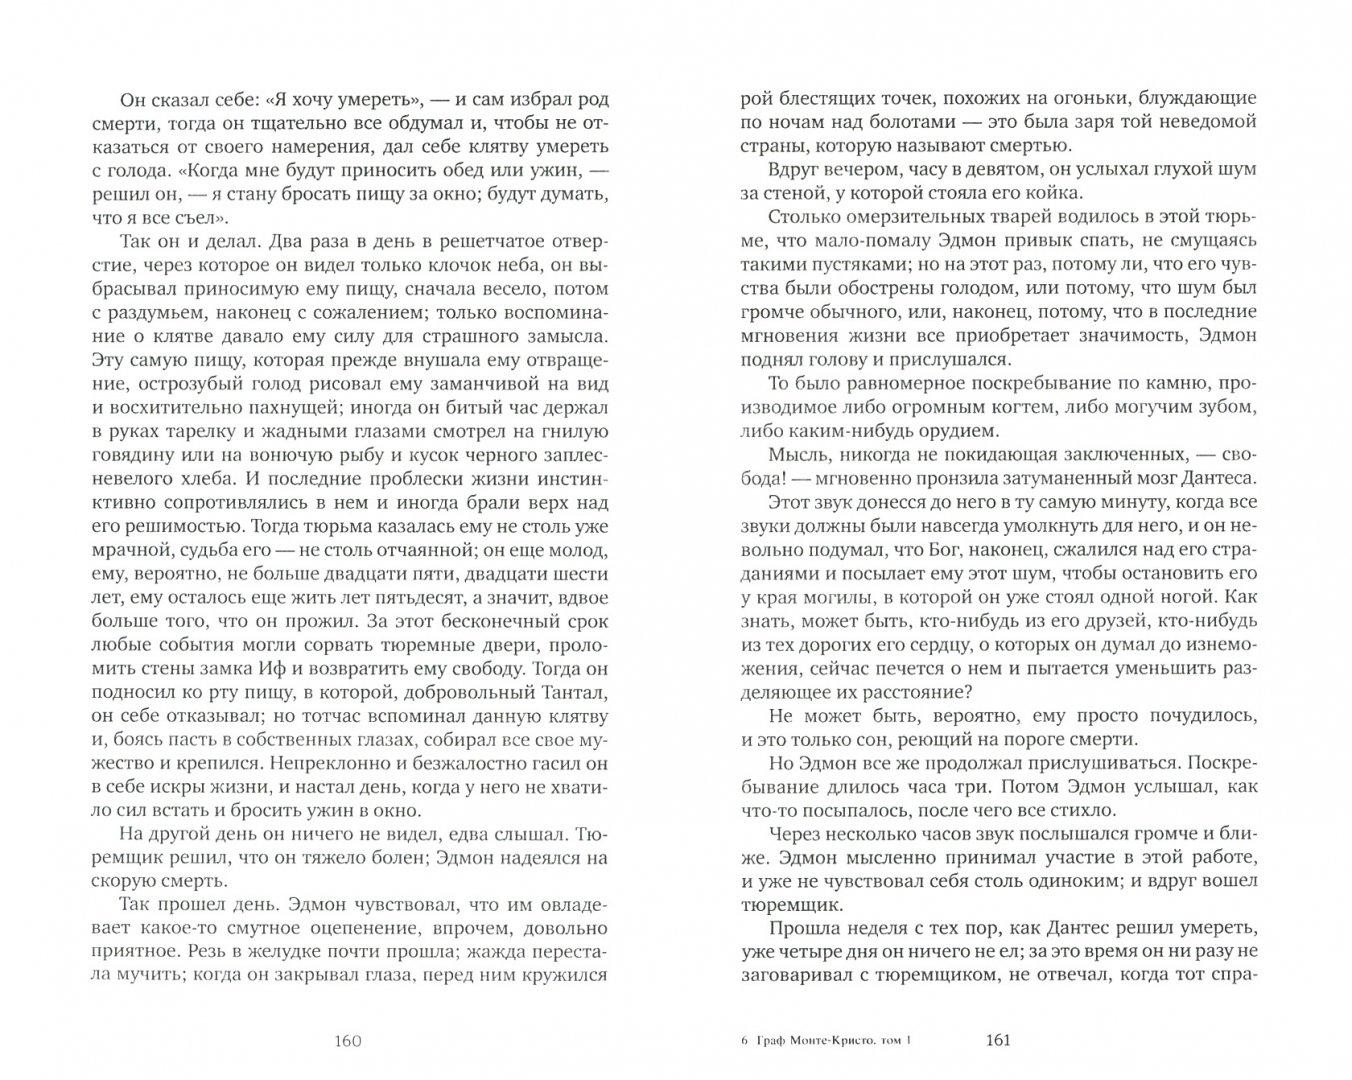 Иллюстрация 1 из 24 для Граф Монте-Кристо. Комплект в 2-х томах - Александр Дюма | Лабиринт - книги. Источник: Лабиринт